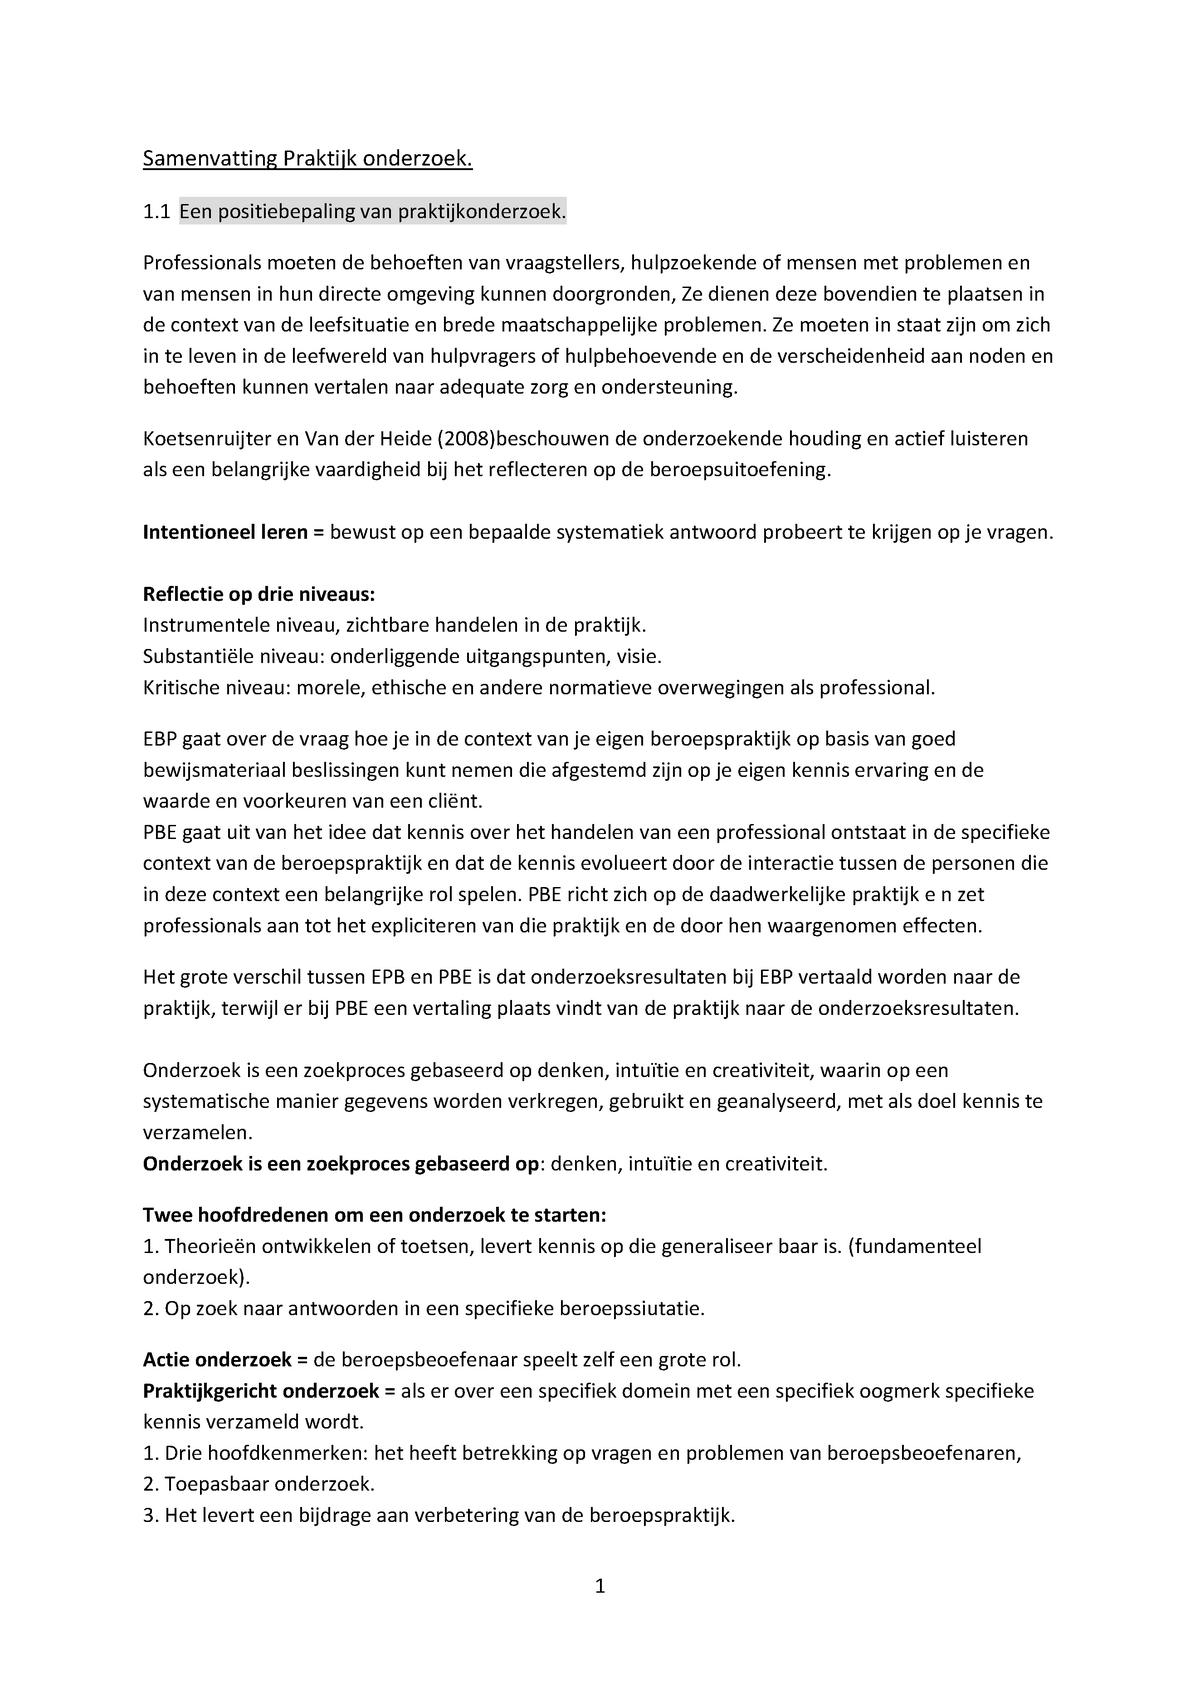 Hedendaags Samenvattingen Praktijkgericht onderzoek: compleet - StudeerSnel.nl ZU-47